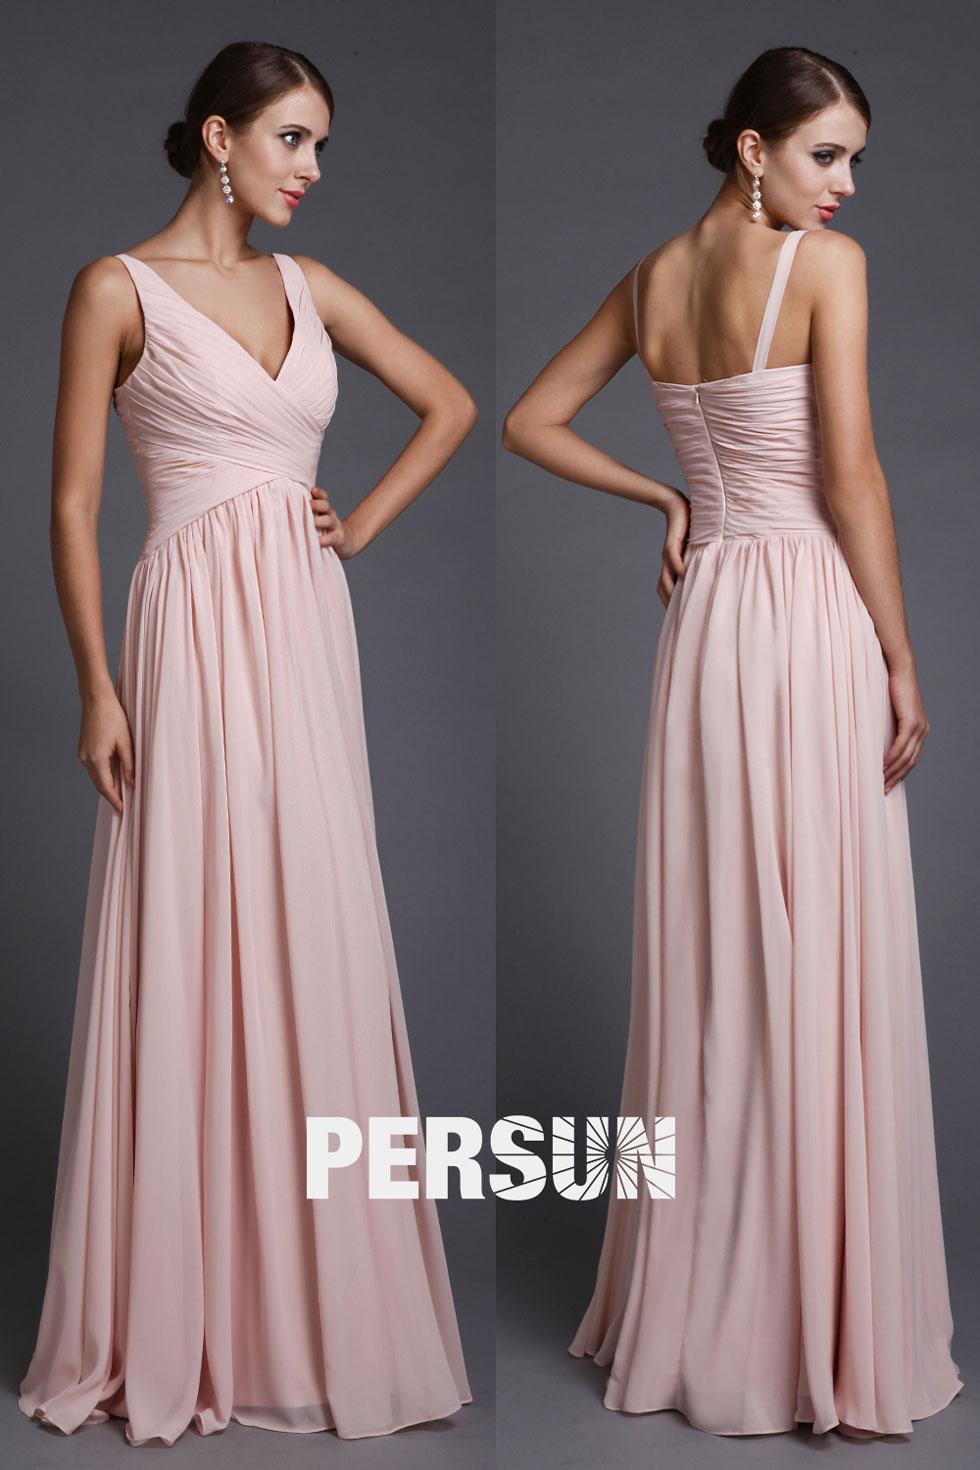 e41f98f0c87 Robe Empire rose pour soirée longue simple en mousseline – Persun.fr